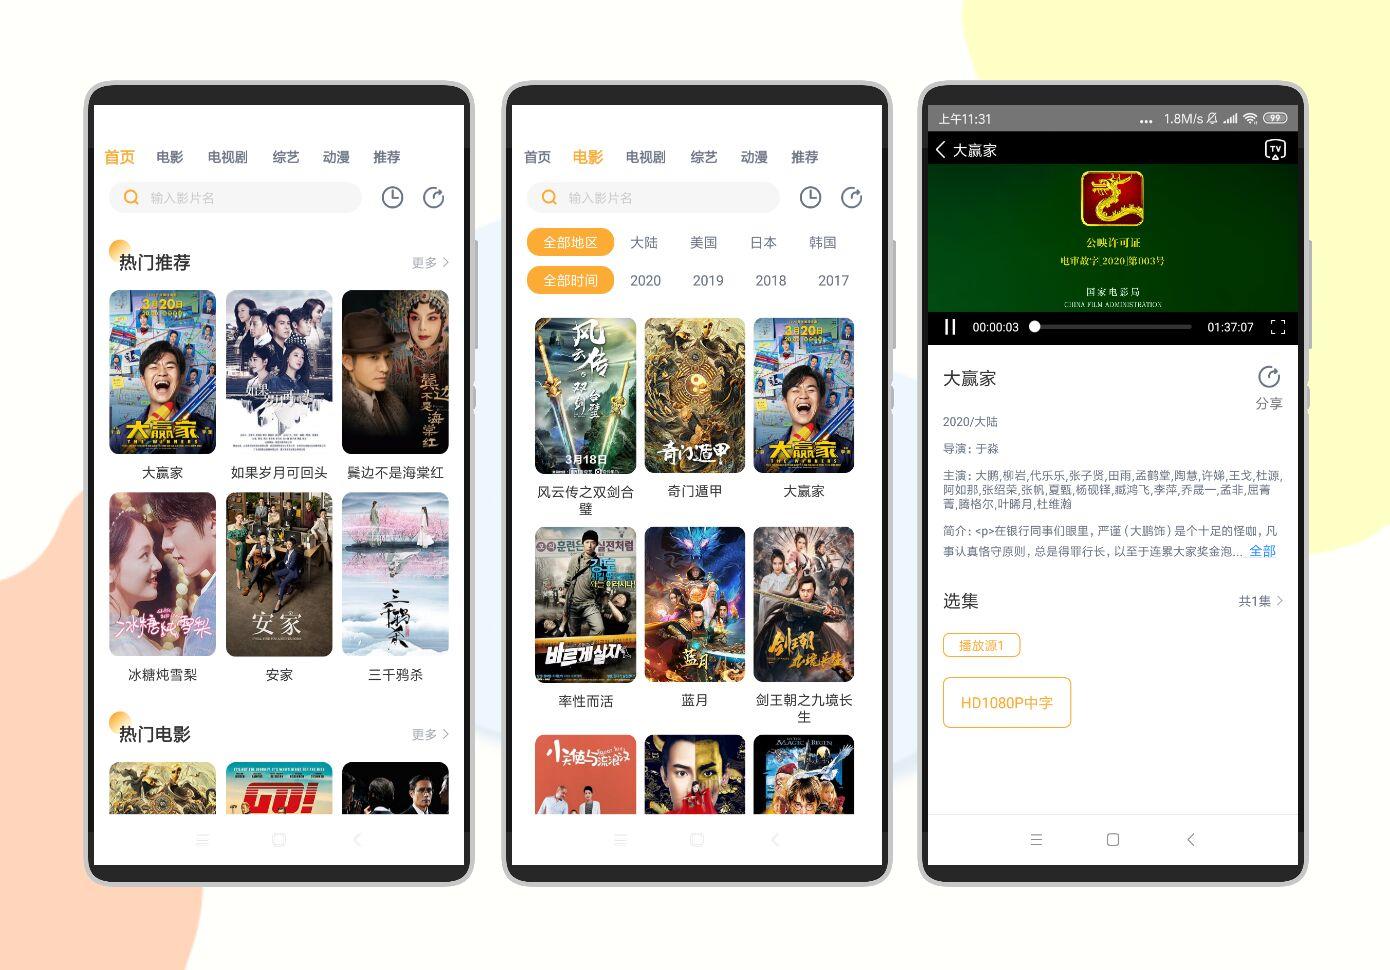 人人播放器v2.0免费观看支持离线下载